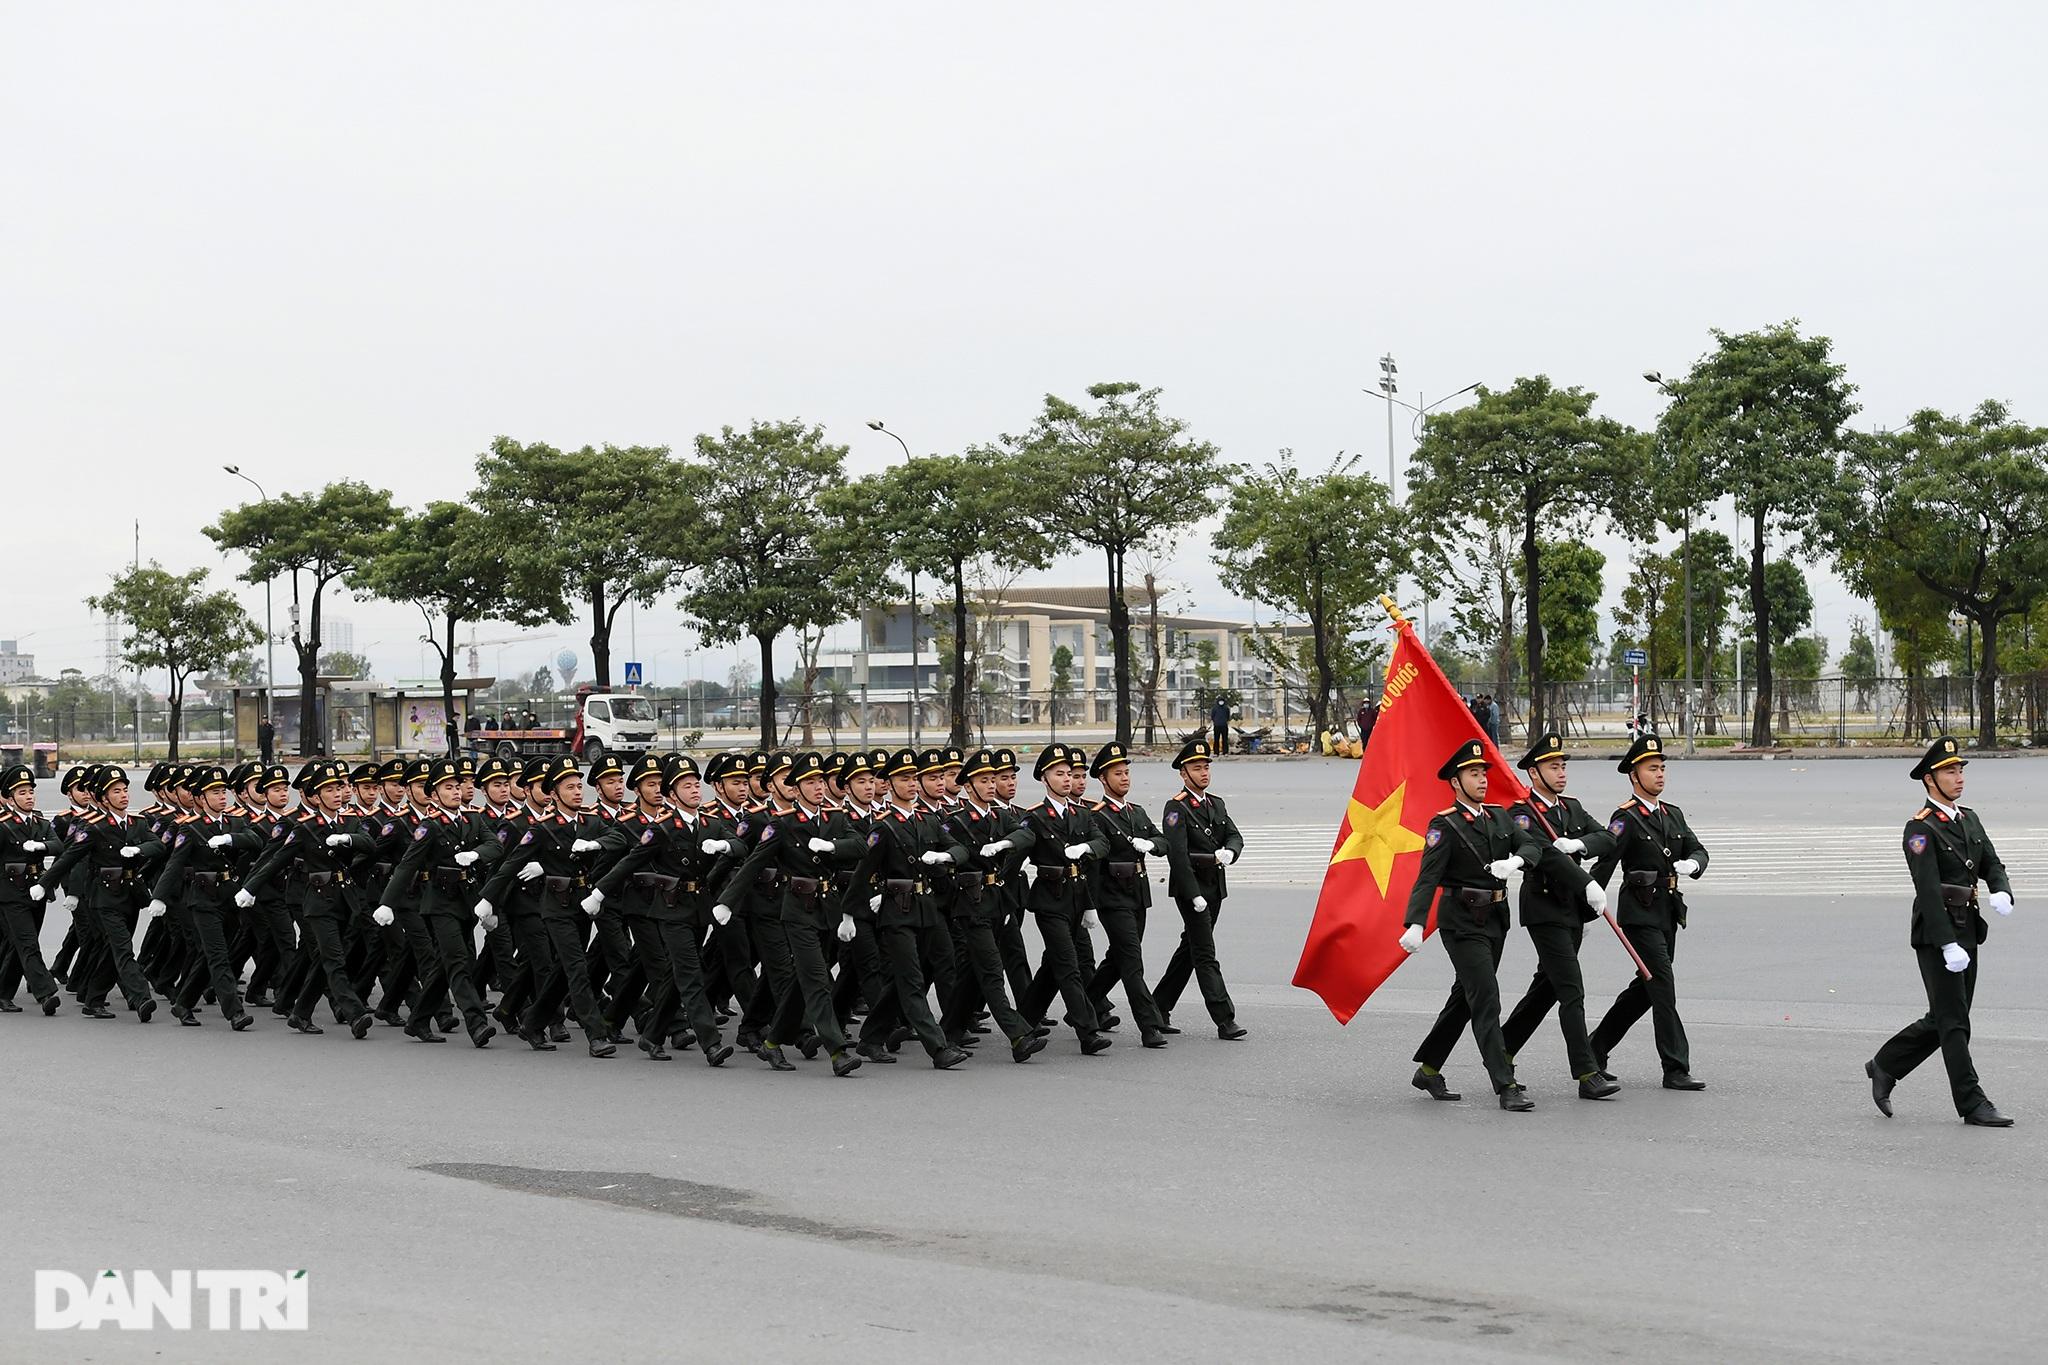 Dàn khí tài đặc chủng tham gia diễn tập bảo vệ Đại hội Đảng toàn quốc - 1